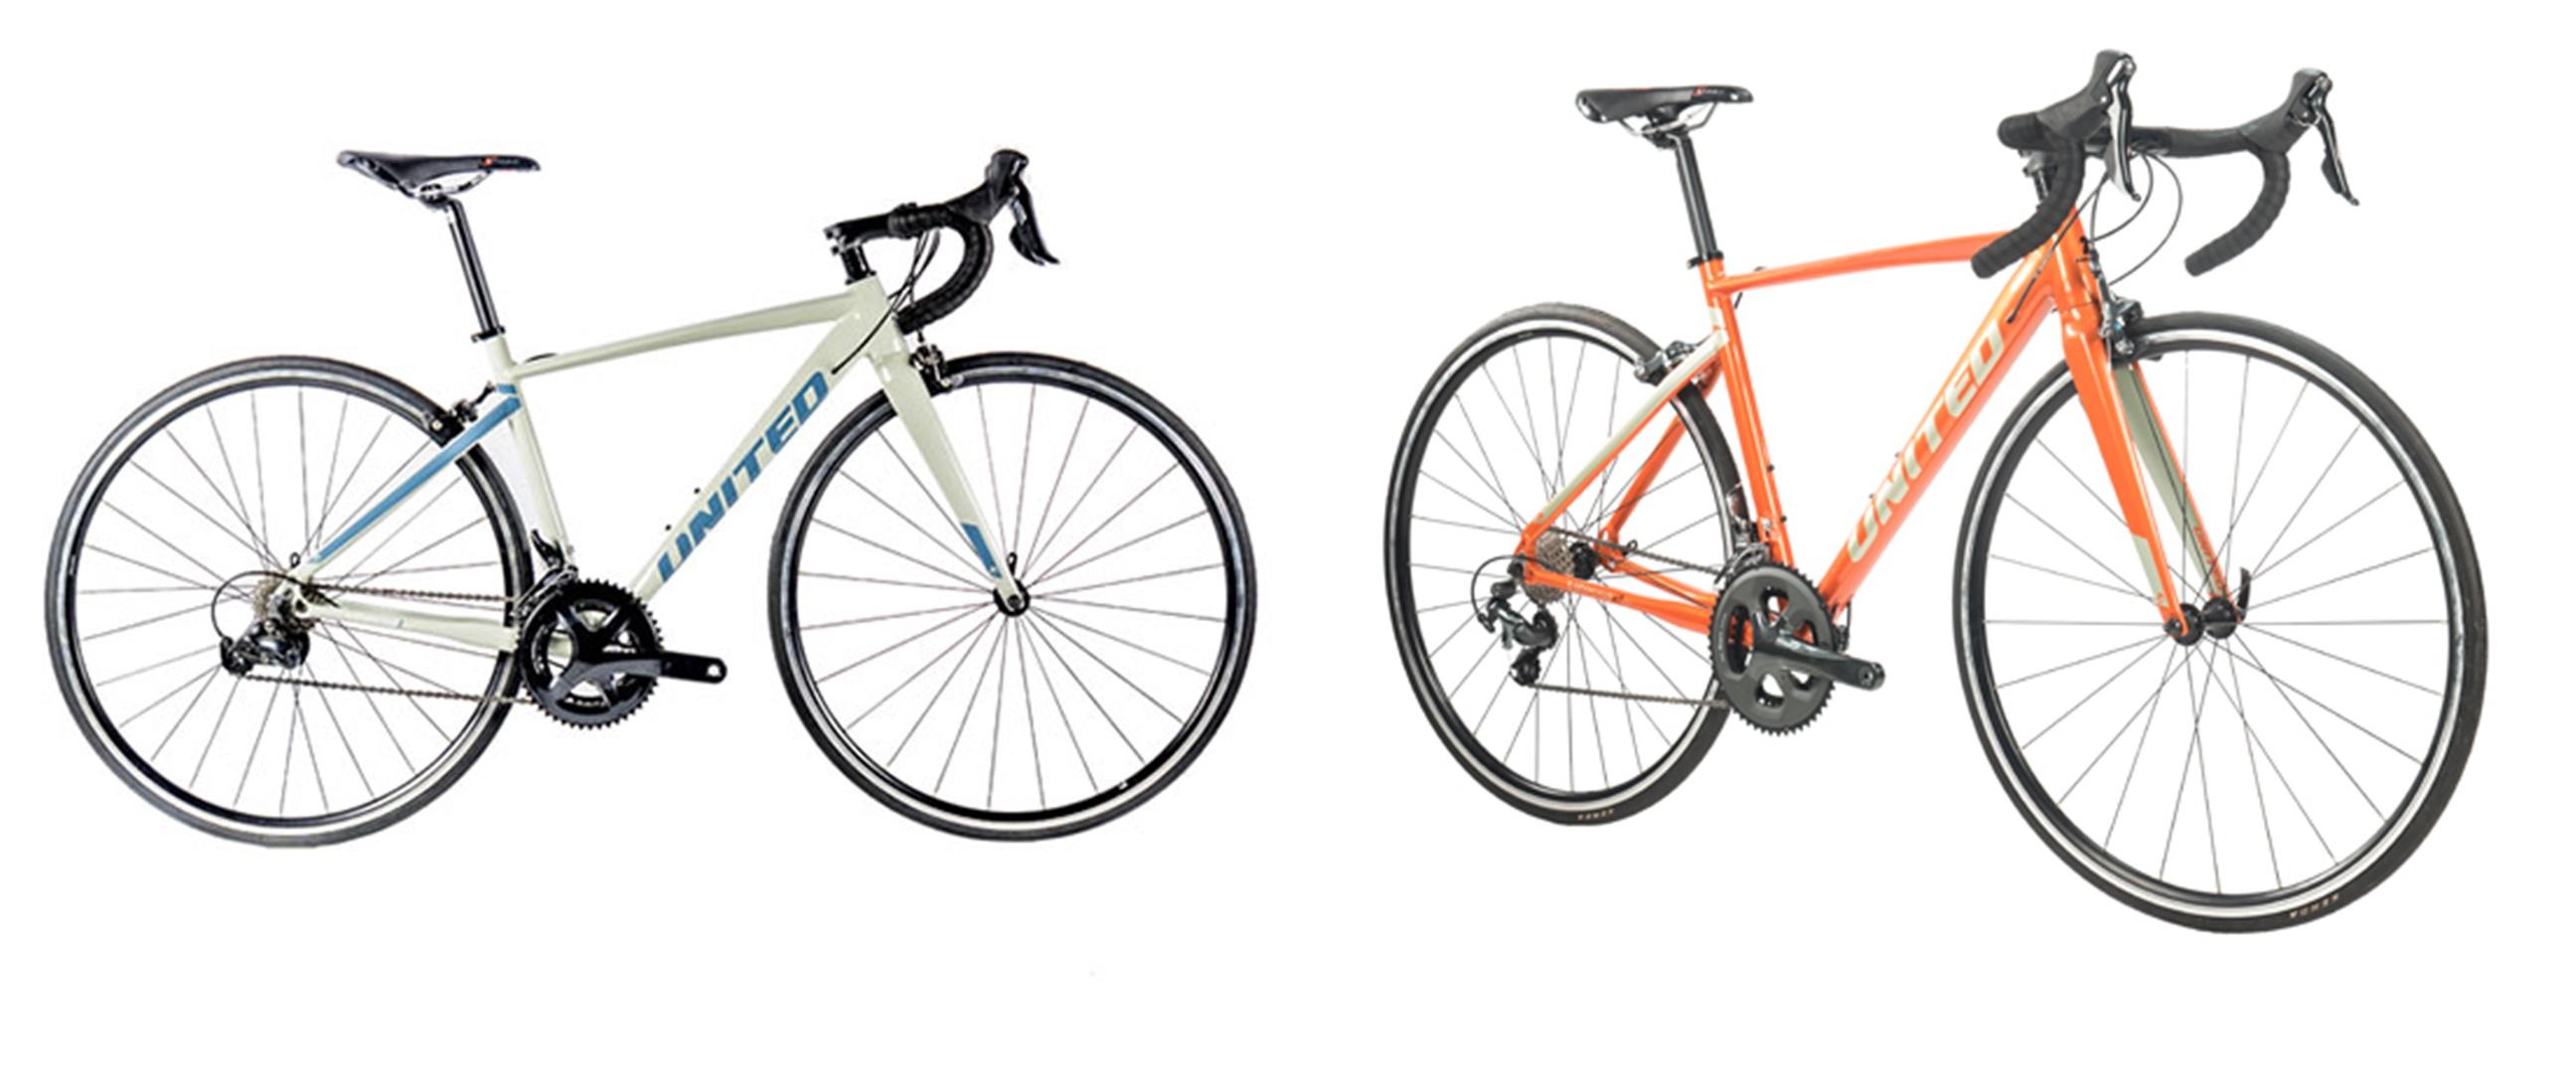 Harga sepeda balap United Vitessa dan spesifikasi, keren dan gesit